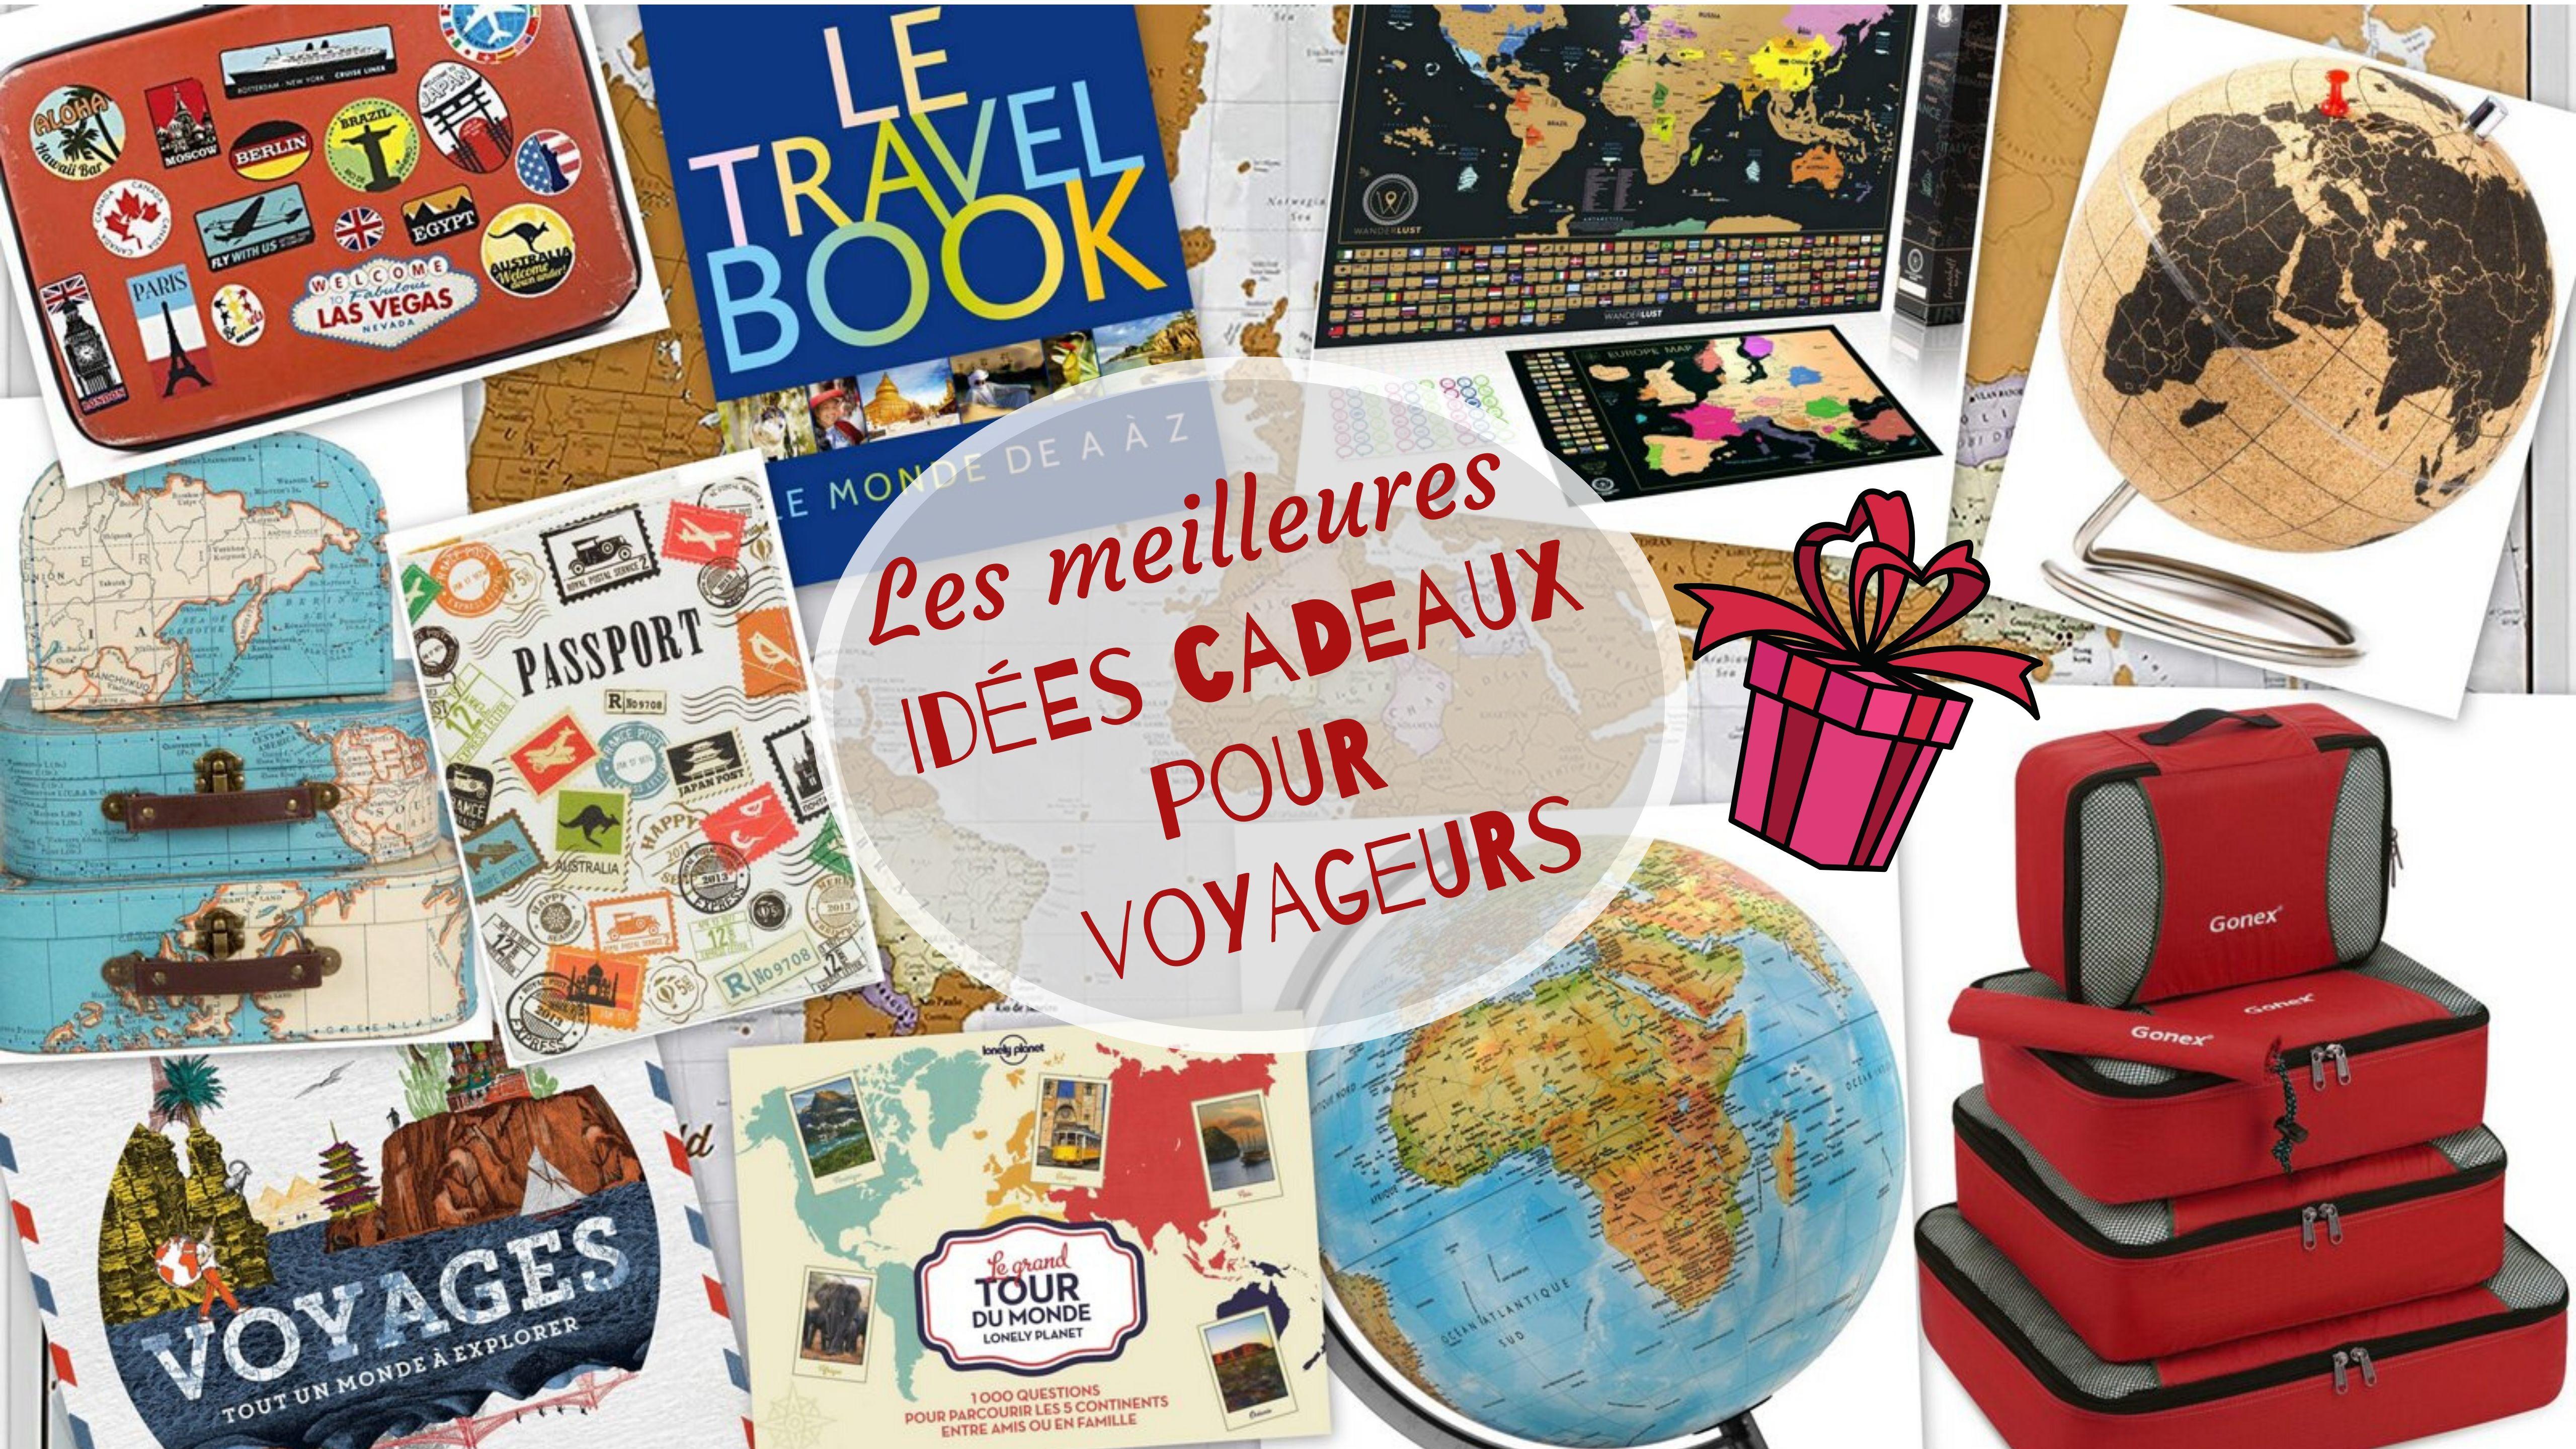 Idée Cadeau Pendaison De Crémaillère les meilleures idées cadeaux pour voyageurs - le blog de